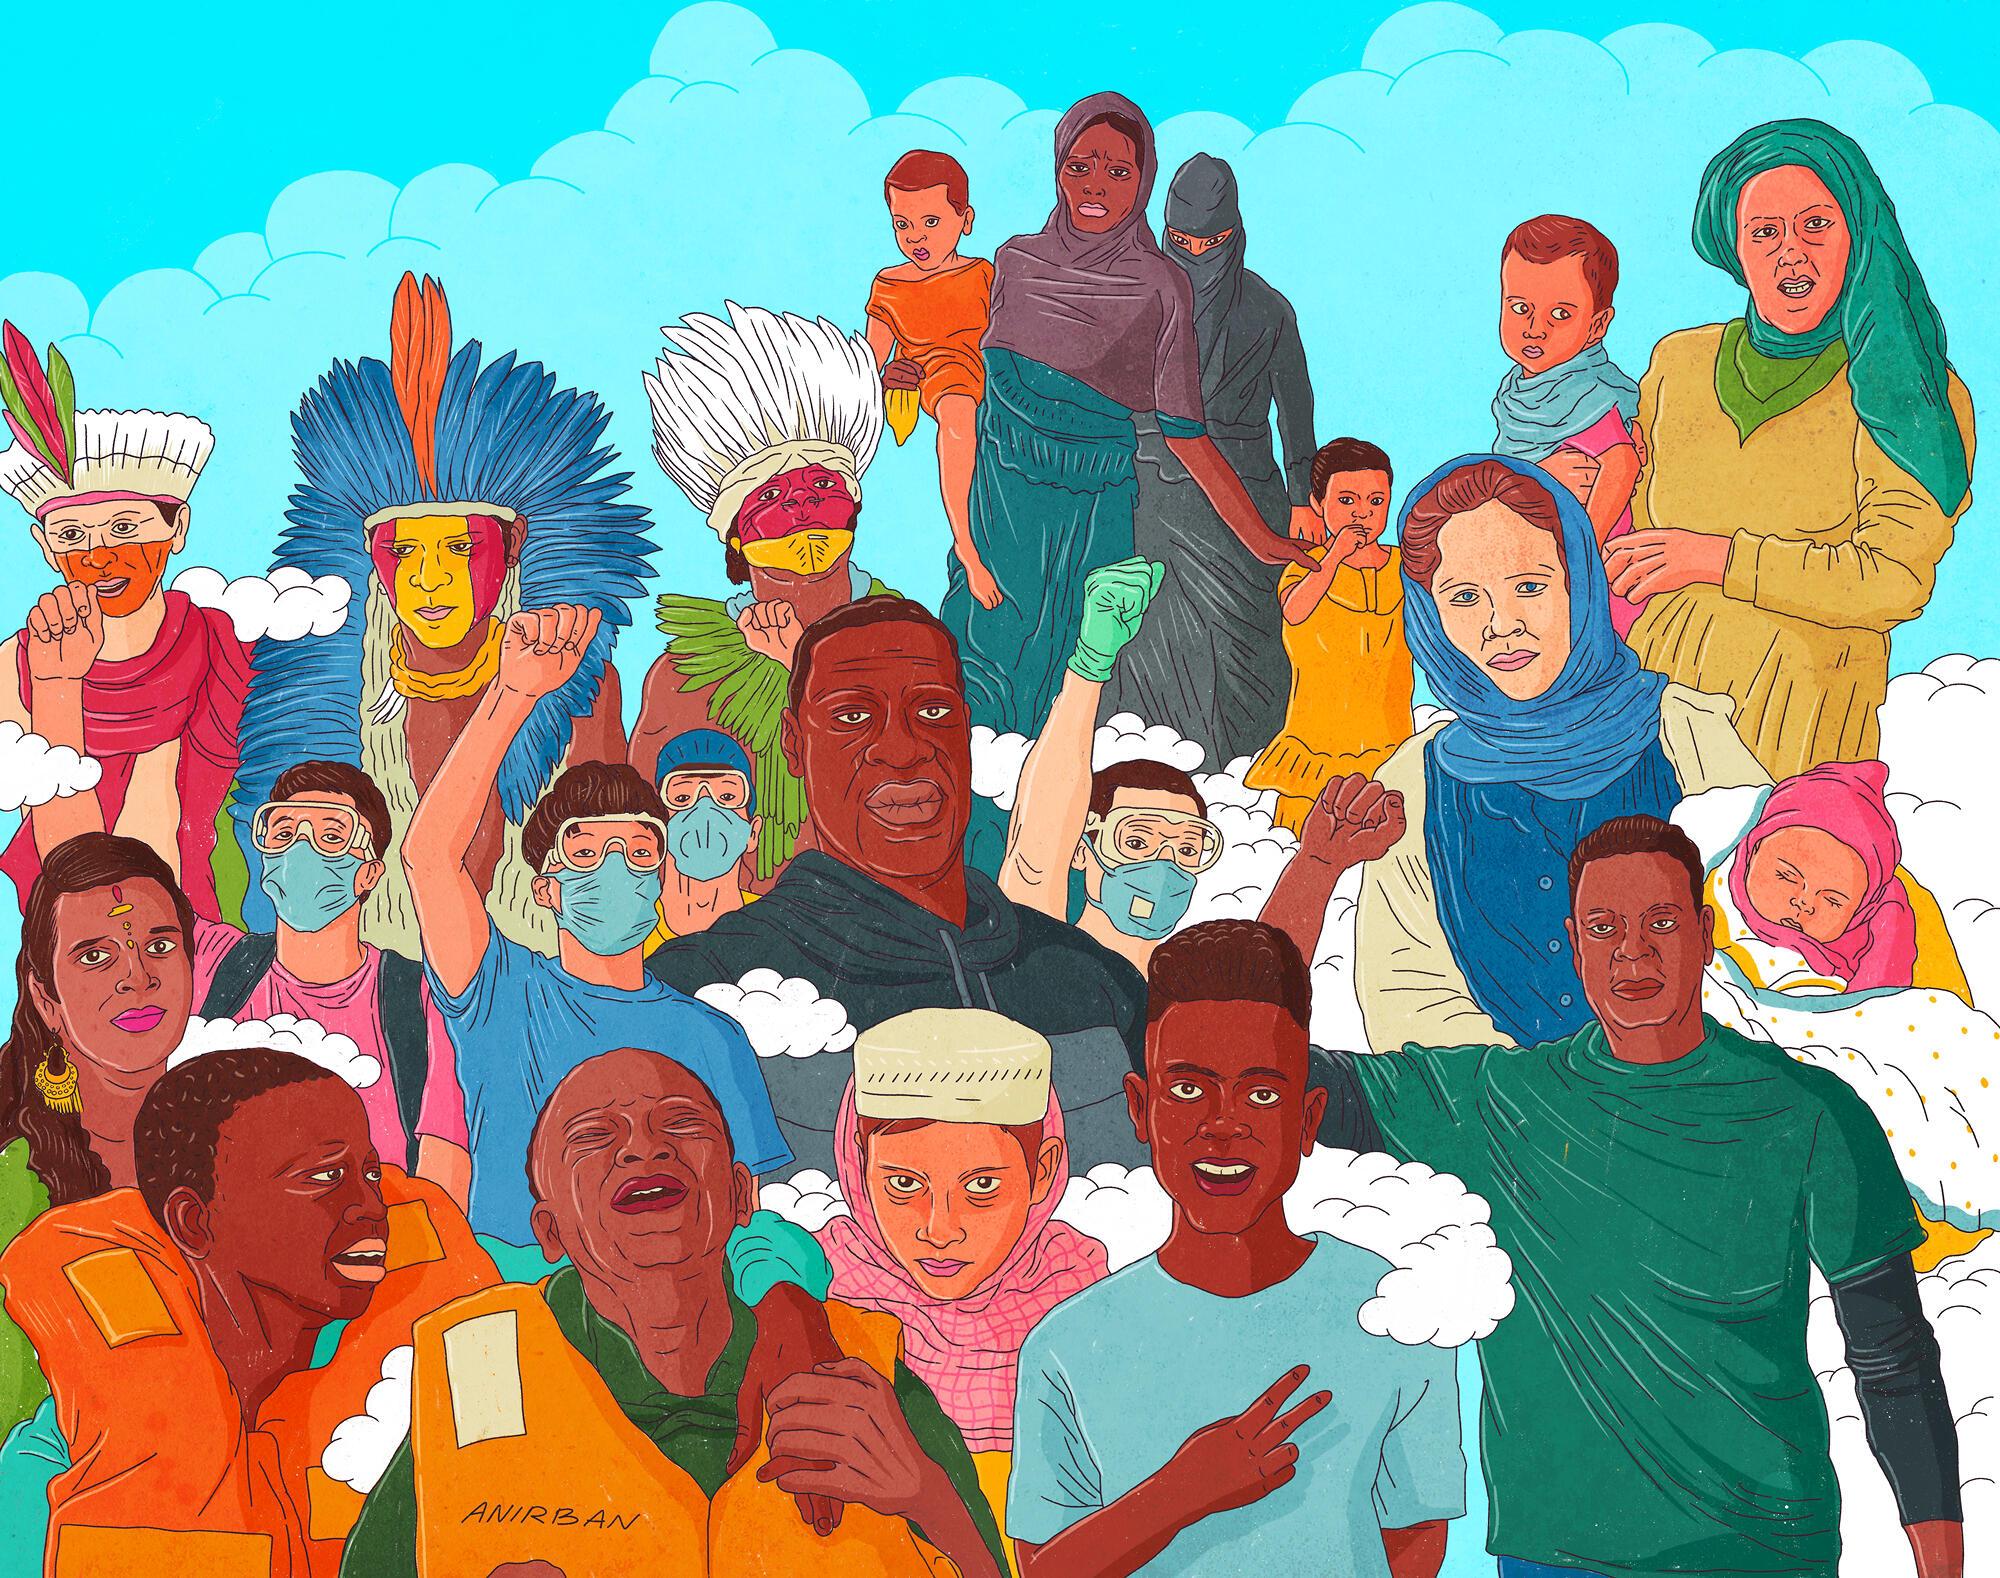 反对种族歧视和警察暴力